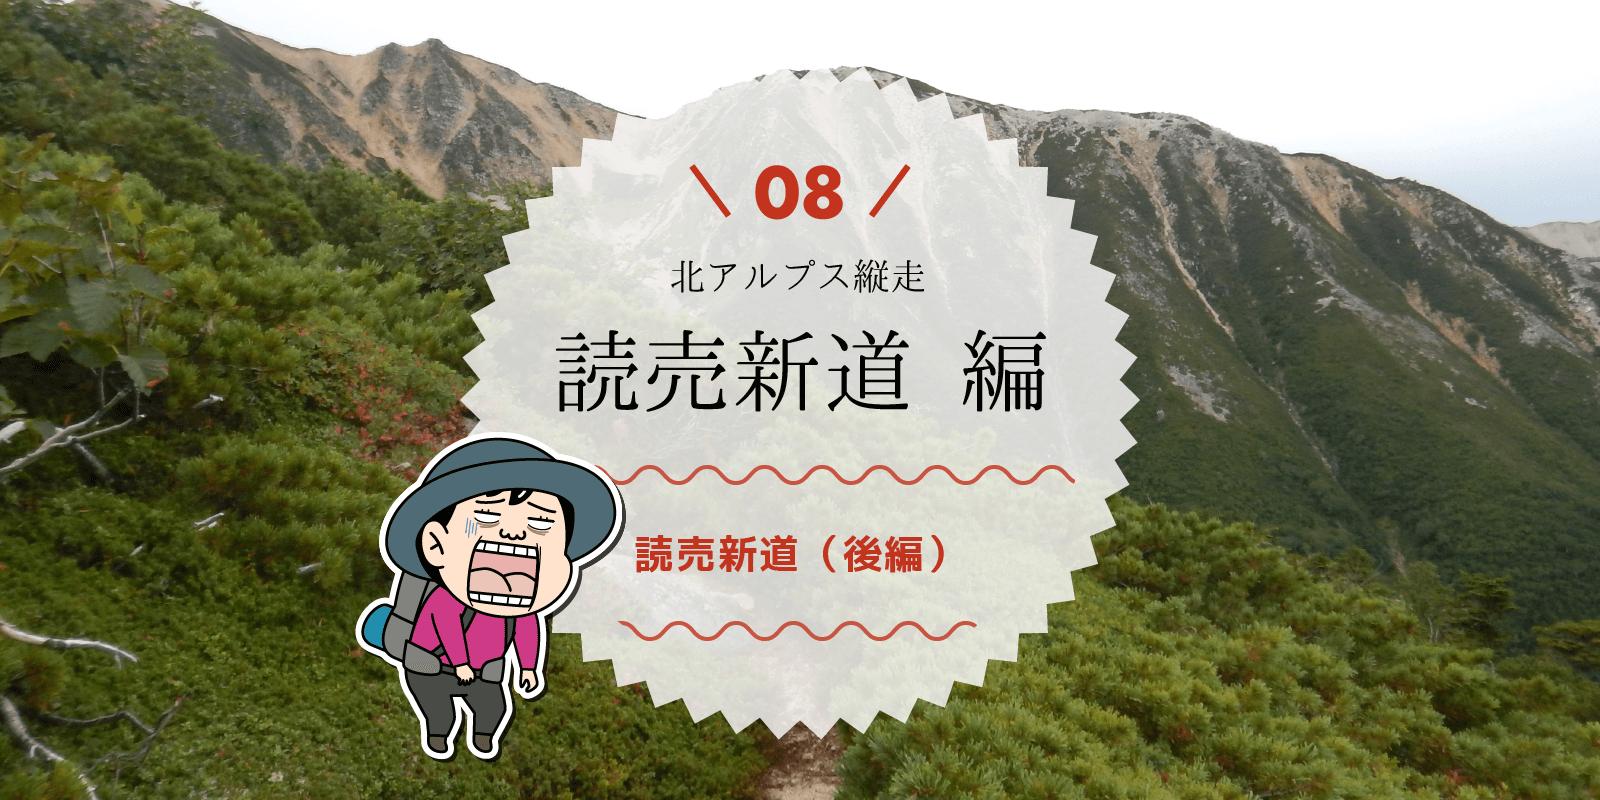 読売新道後編のタイトル